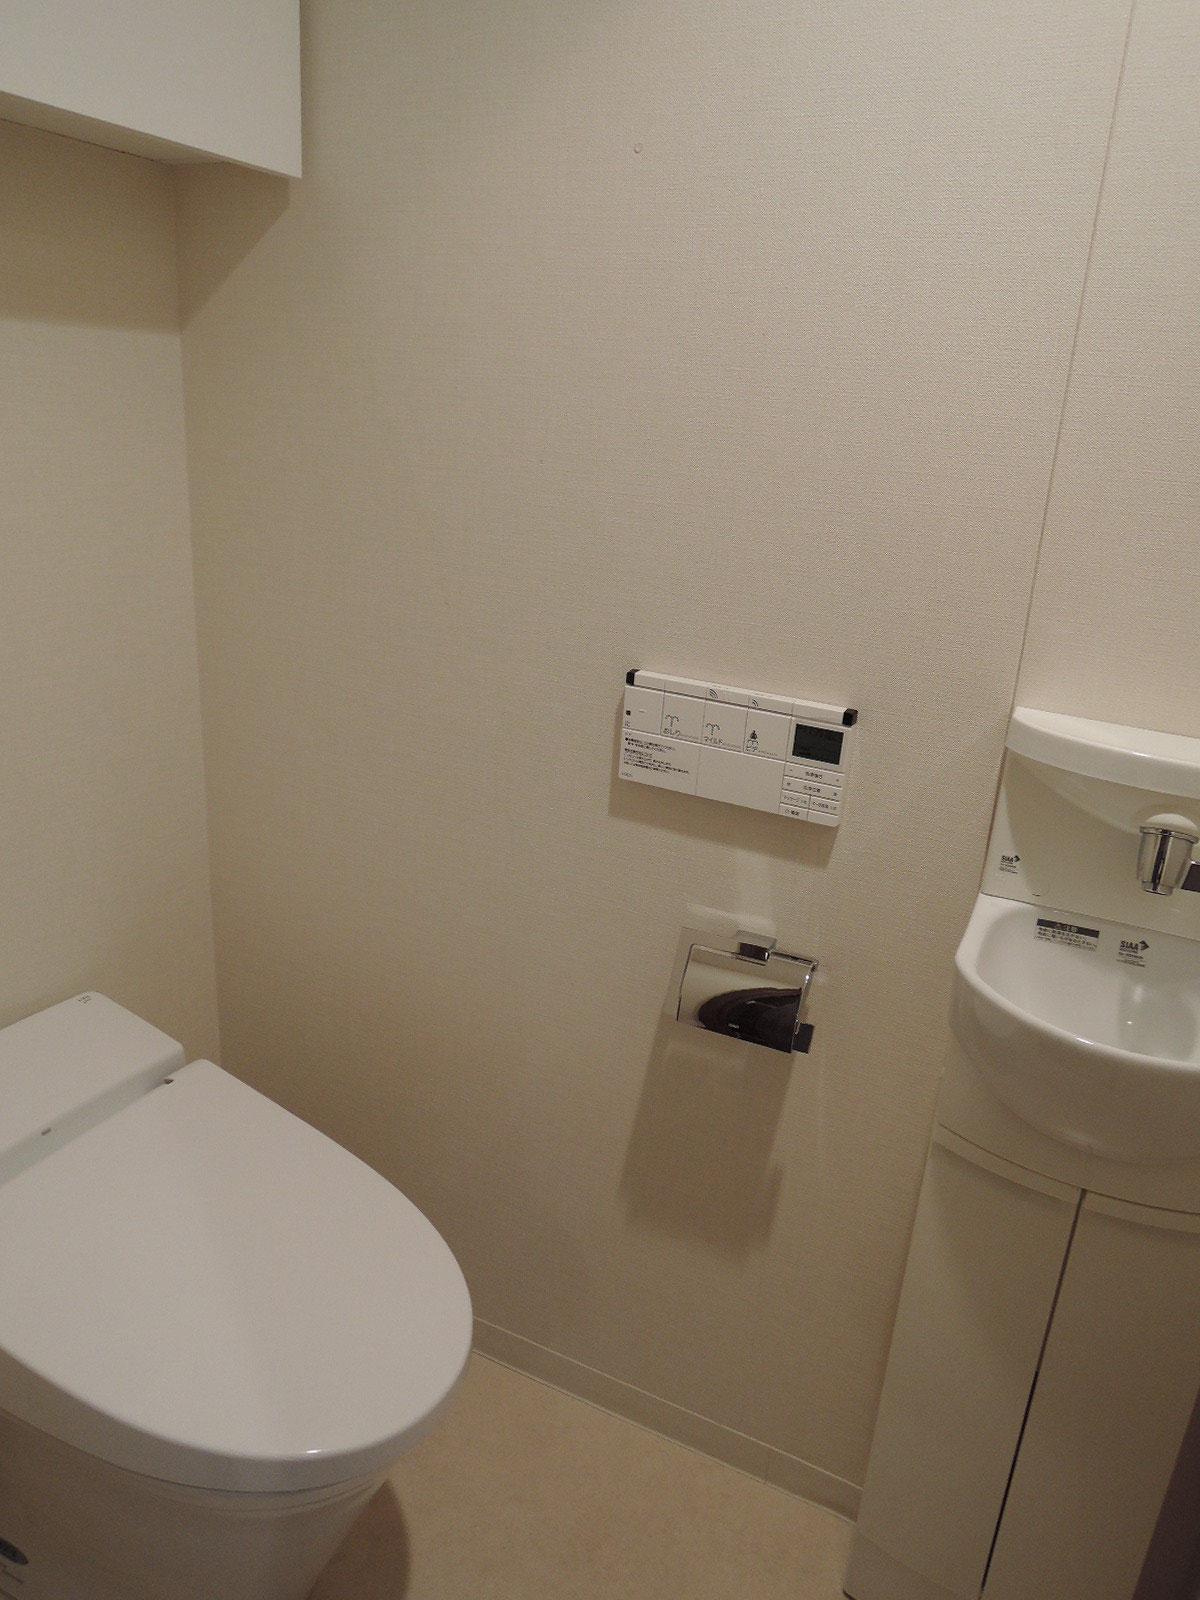 タンクレストイレ。温水洗浄機能付暖房便座。掃除道具もスッキリ収納